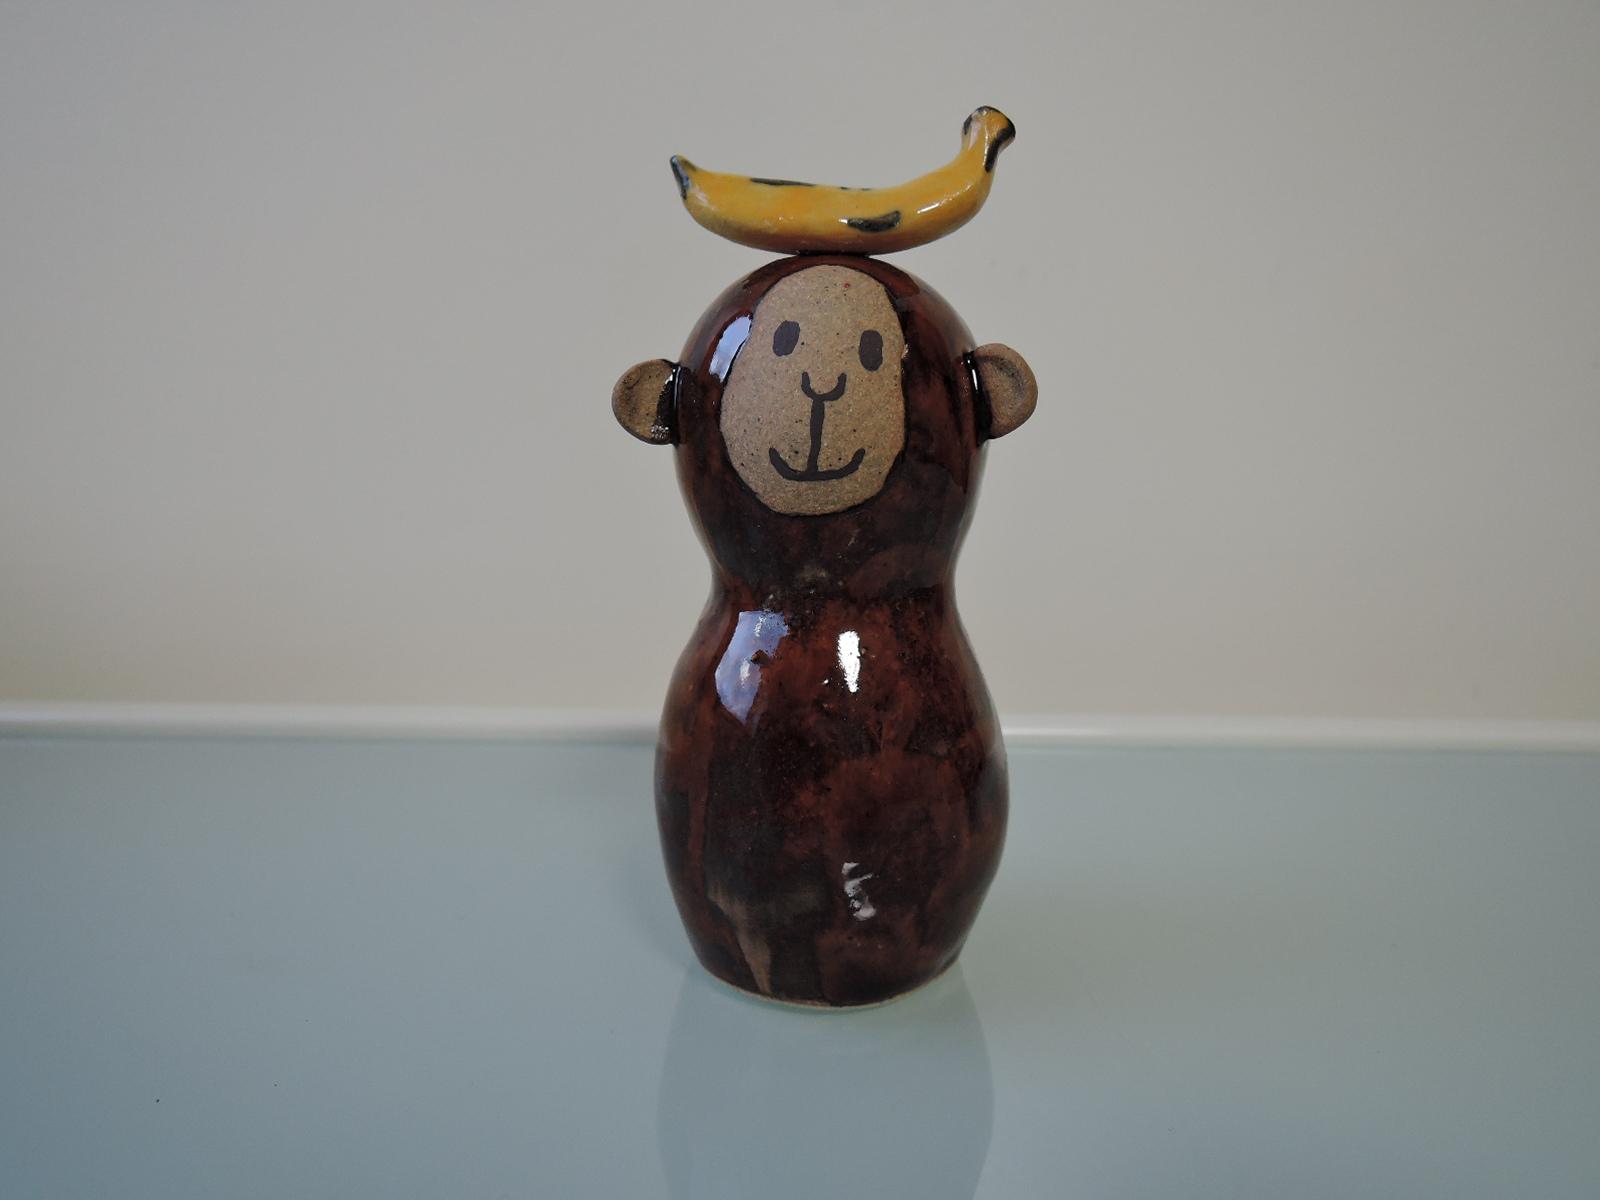 安藤早恵子さんの陶人形 バナナをのせたサル